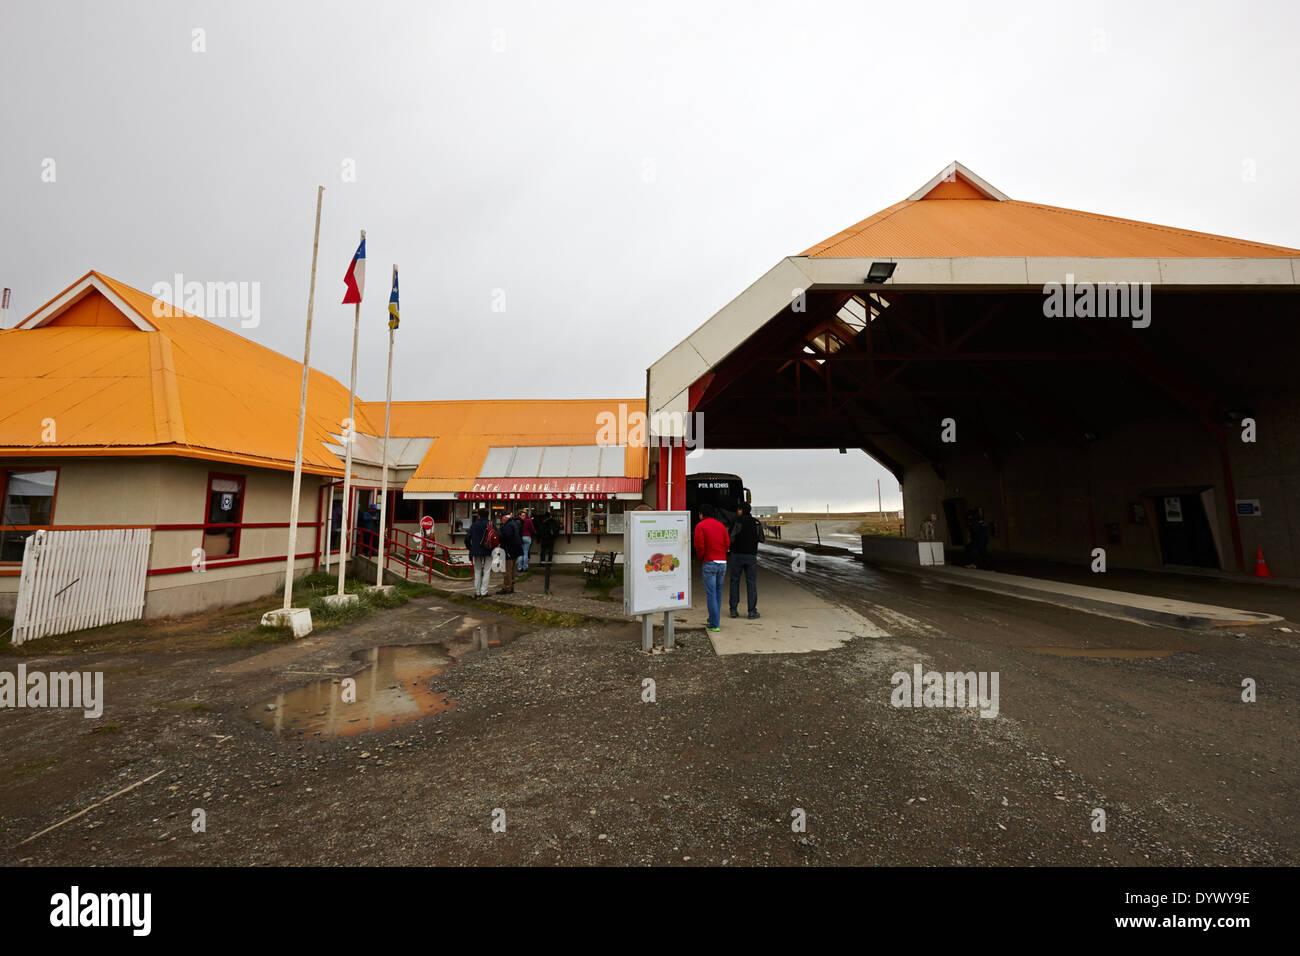 La frontière chilienne et poste de douane avec petite boutique Chili l'île de Tierra del Fuego Photo Stock